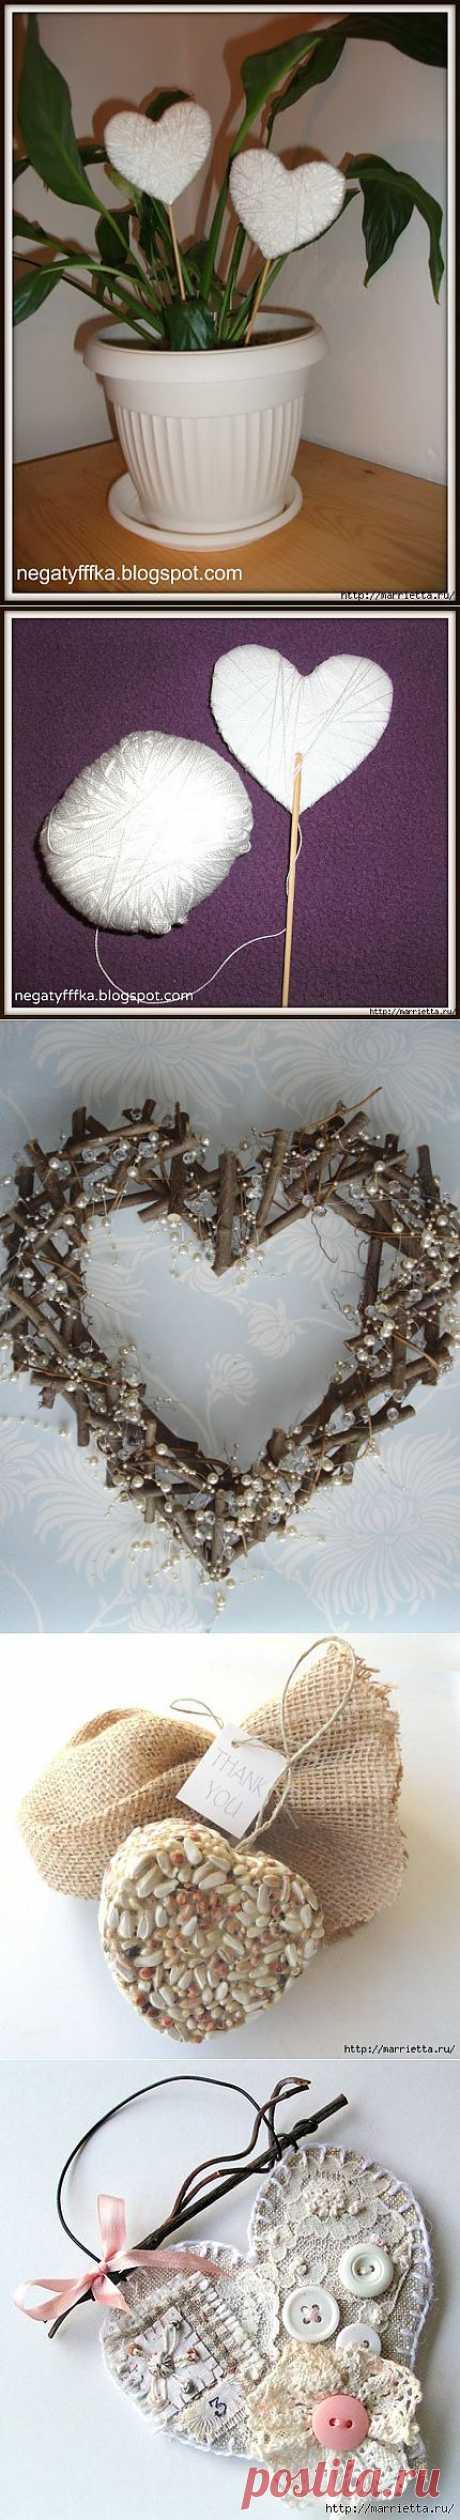 Сердечки шебби шик из пластиковых контейнеров.